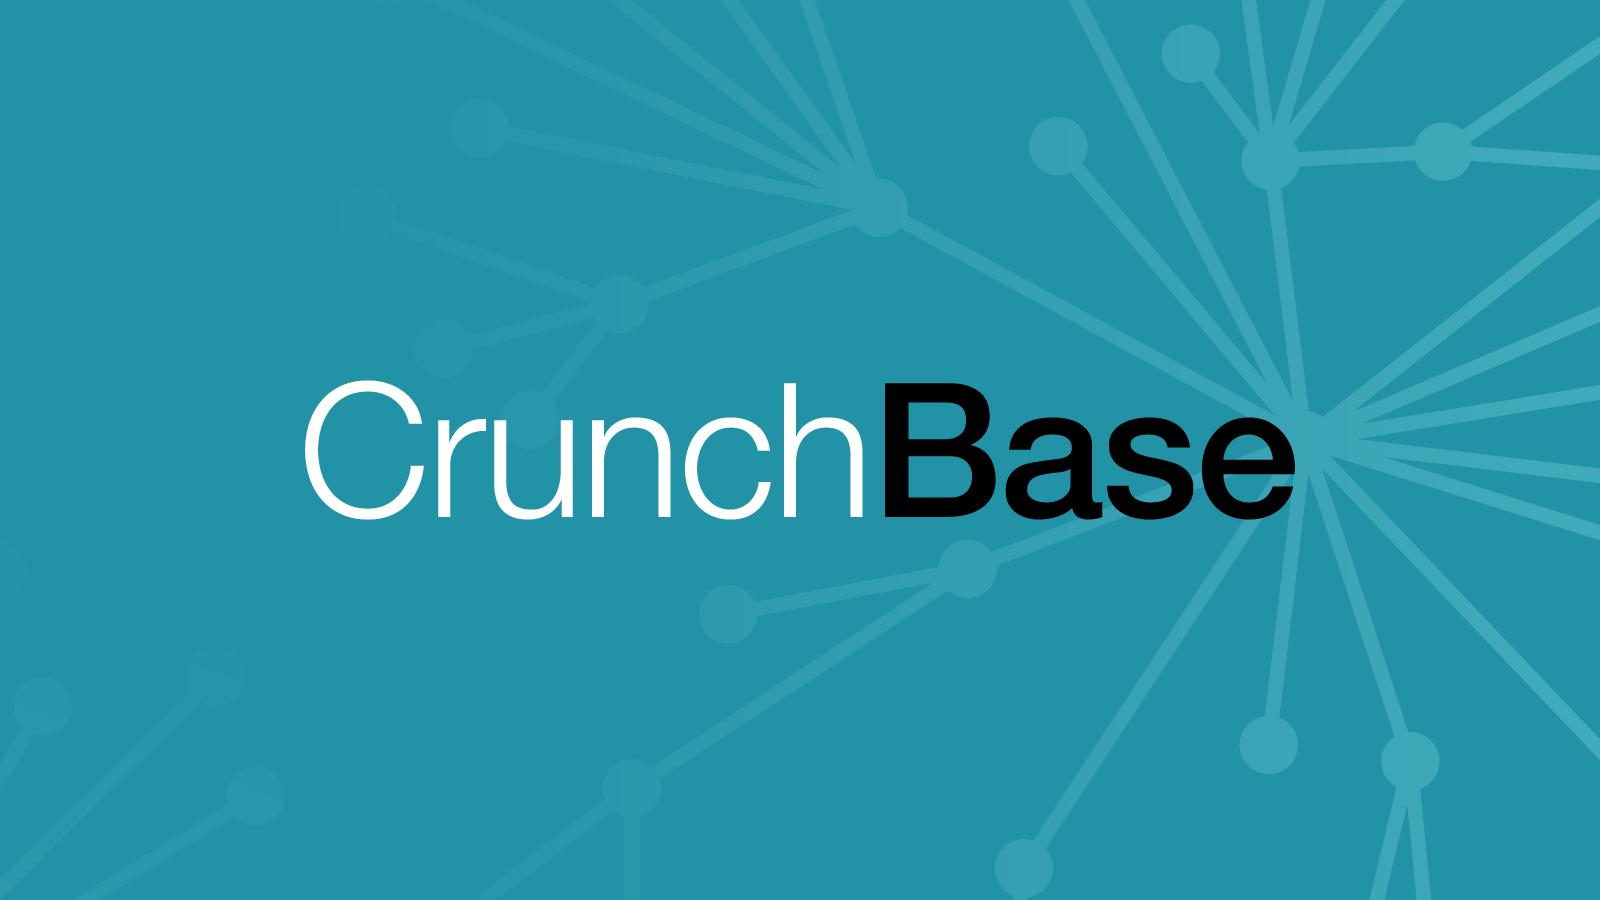 crunchbase-logo